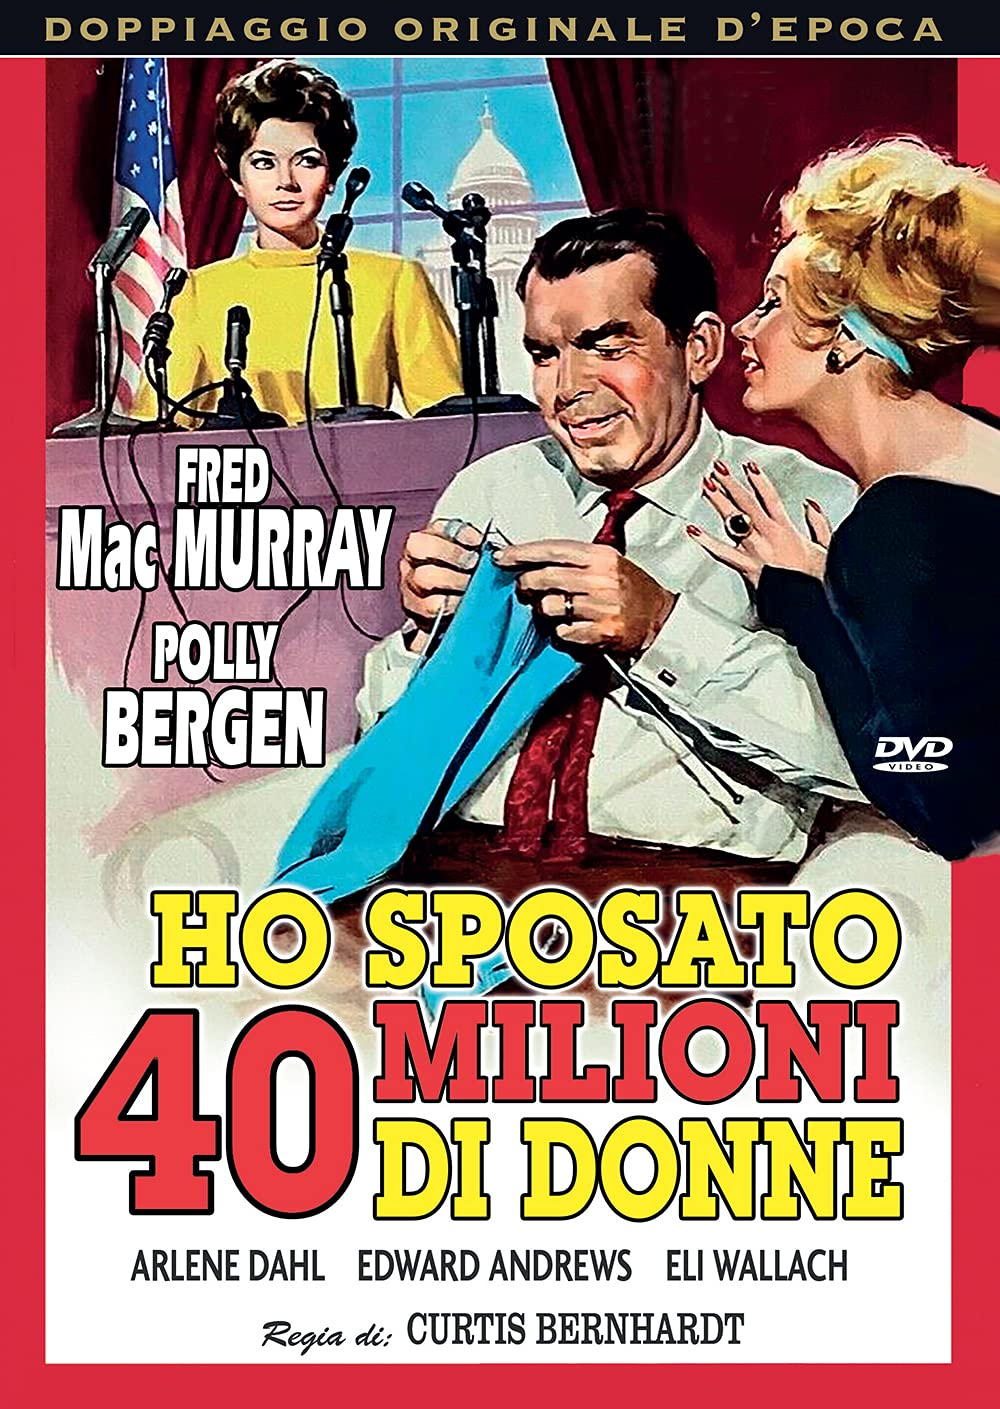 HO SPOSATO 40 MILIONI DI DONNE (DVD)